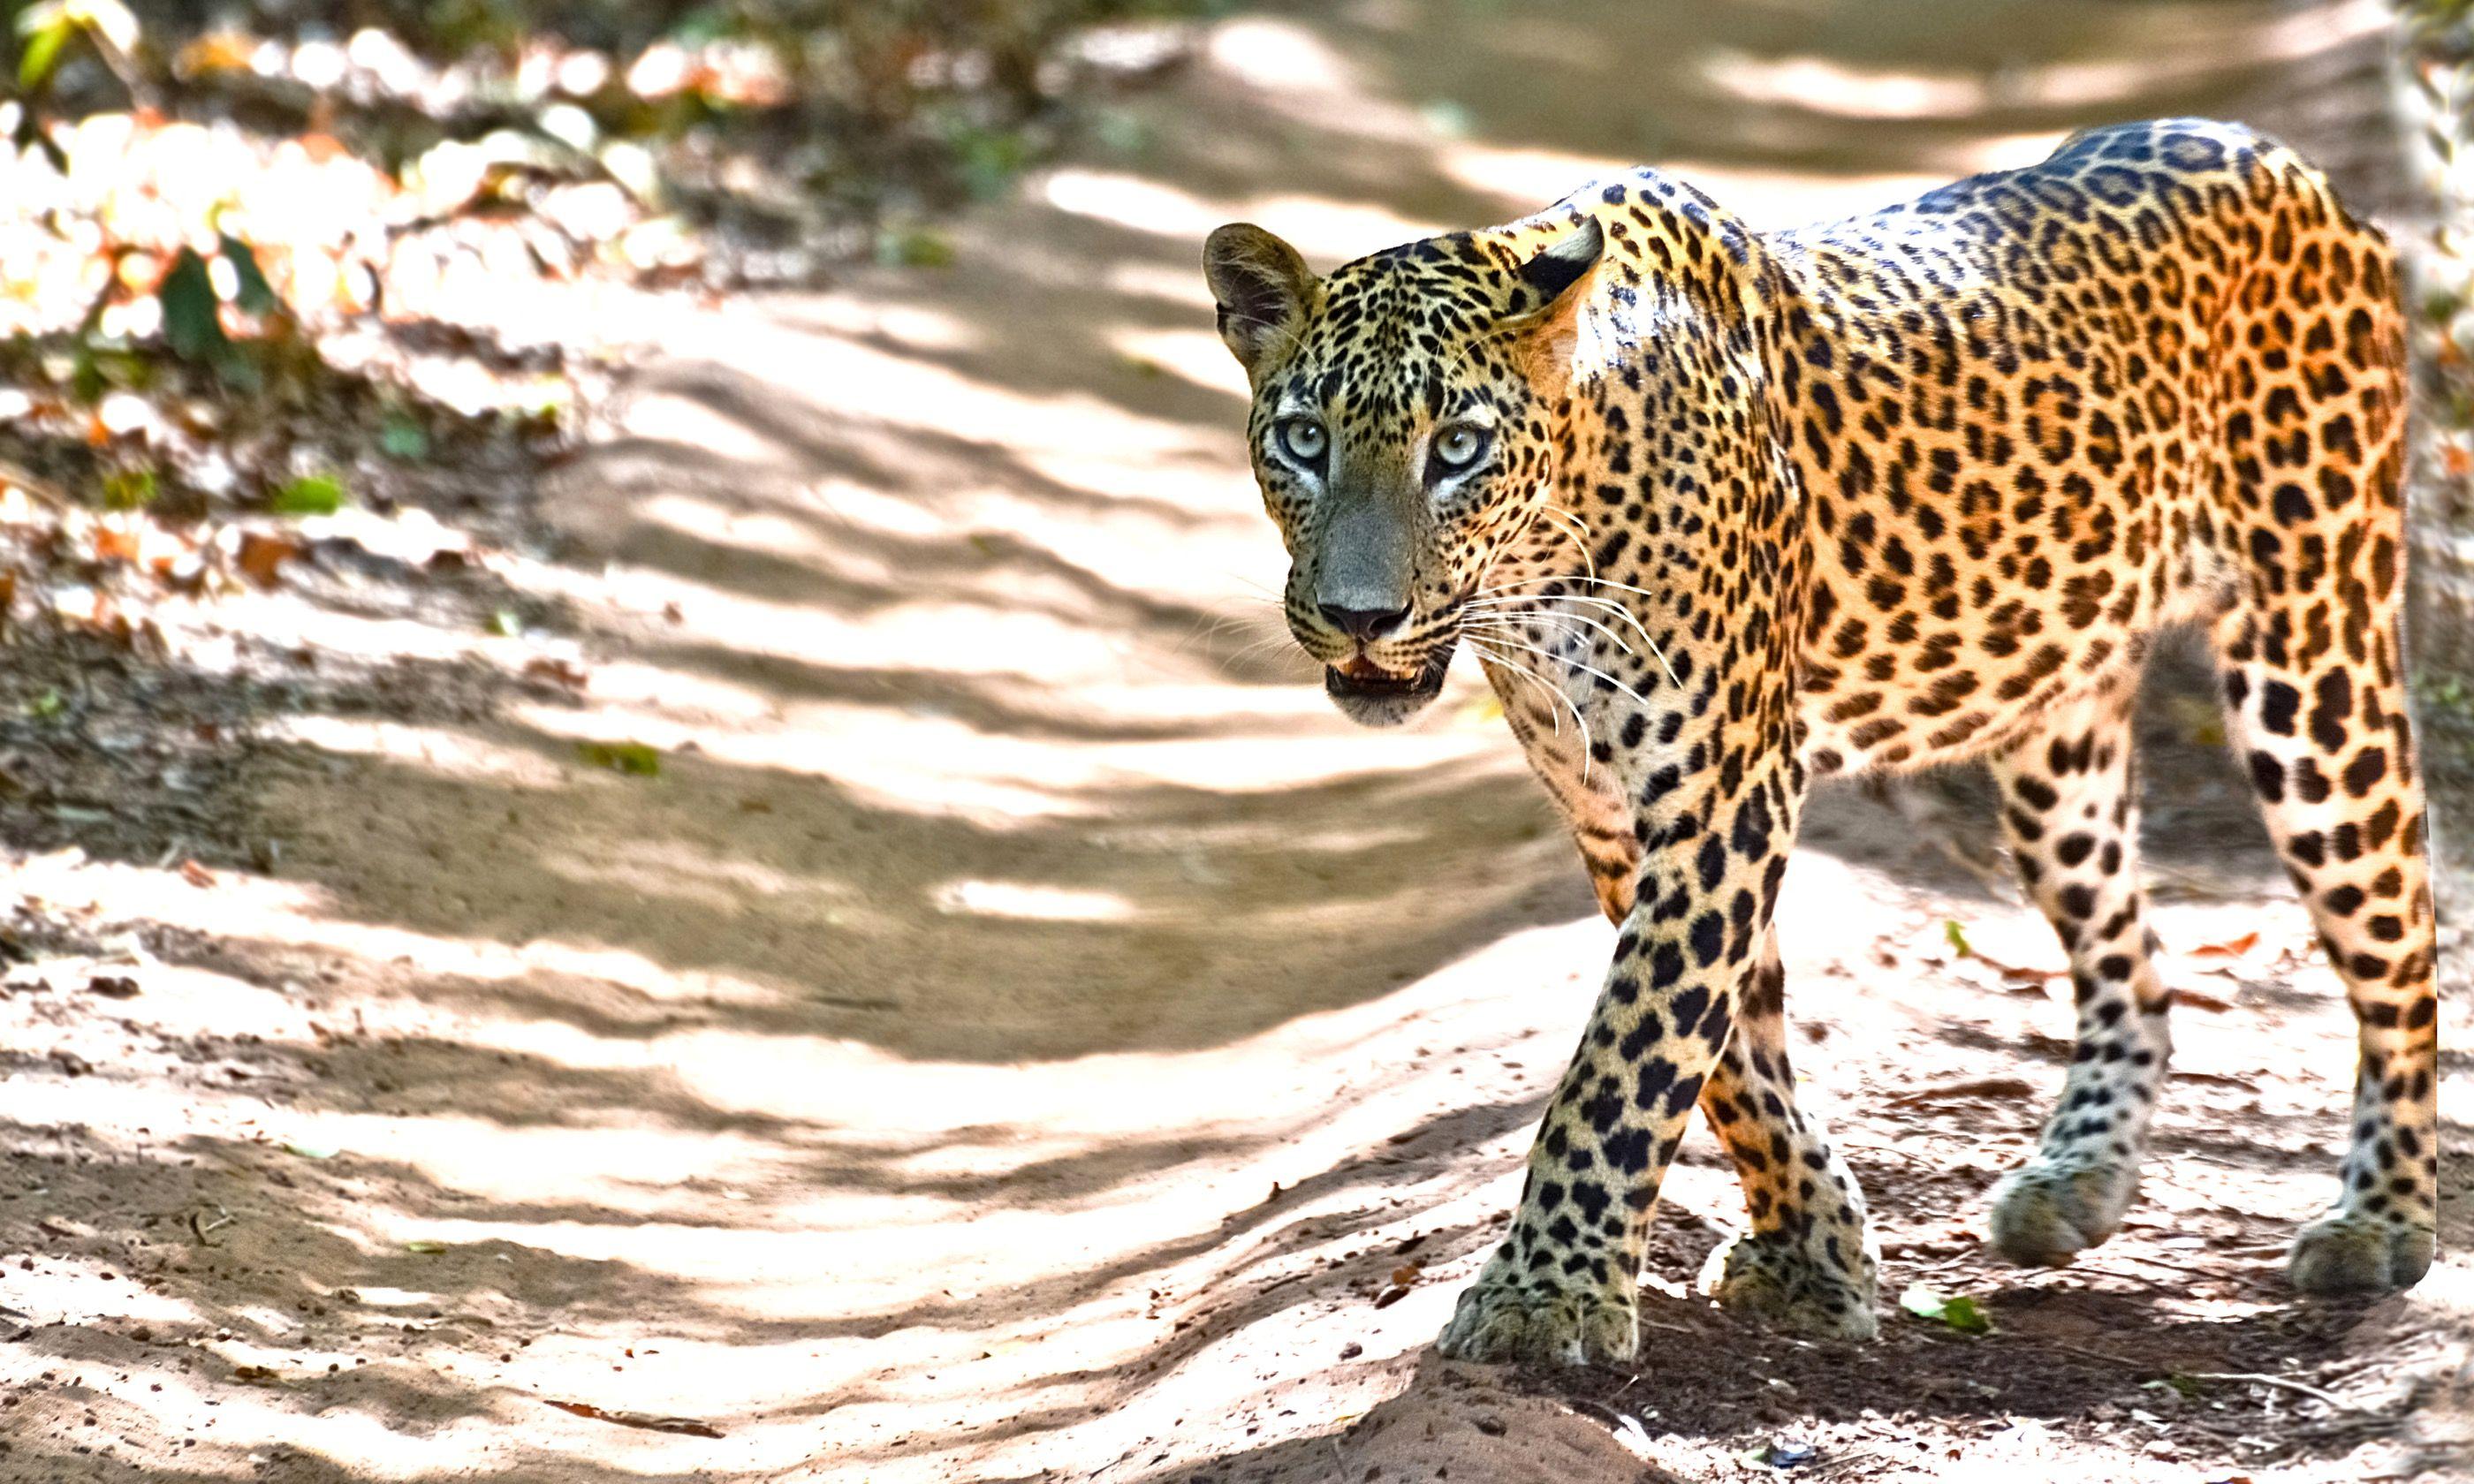 Leopard in Sri Lankan National Park (Dreamstime)